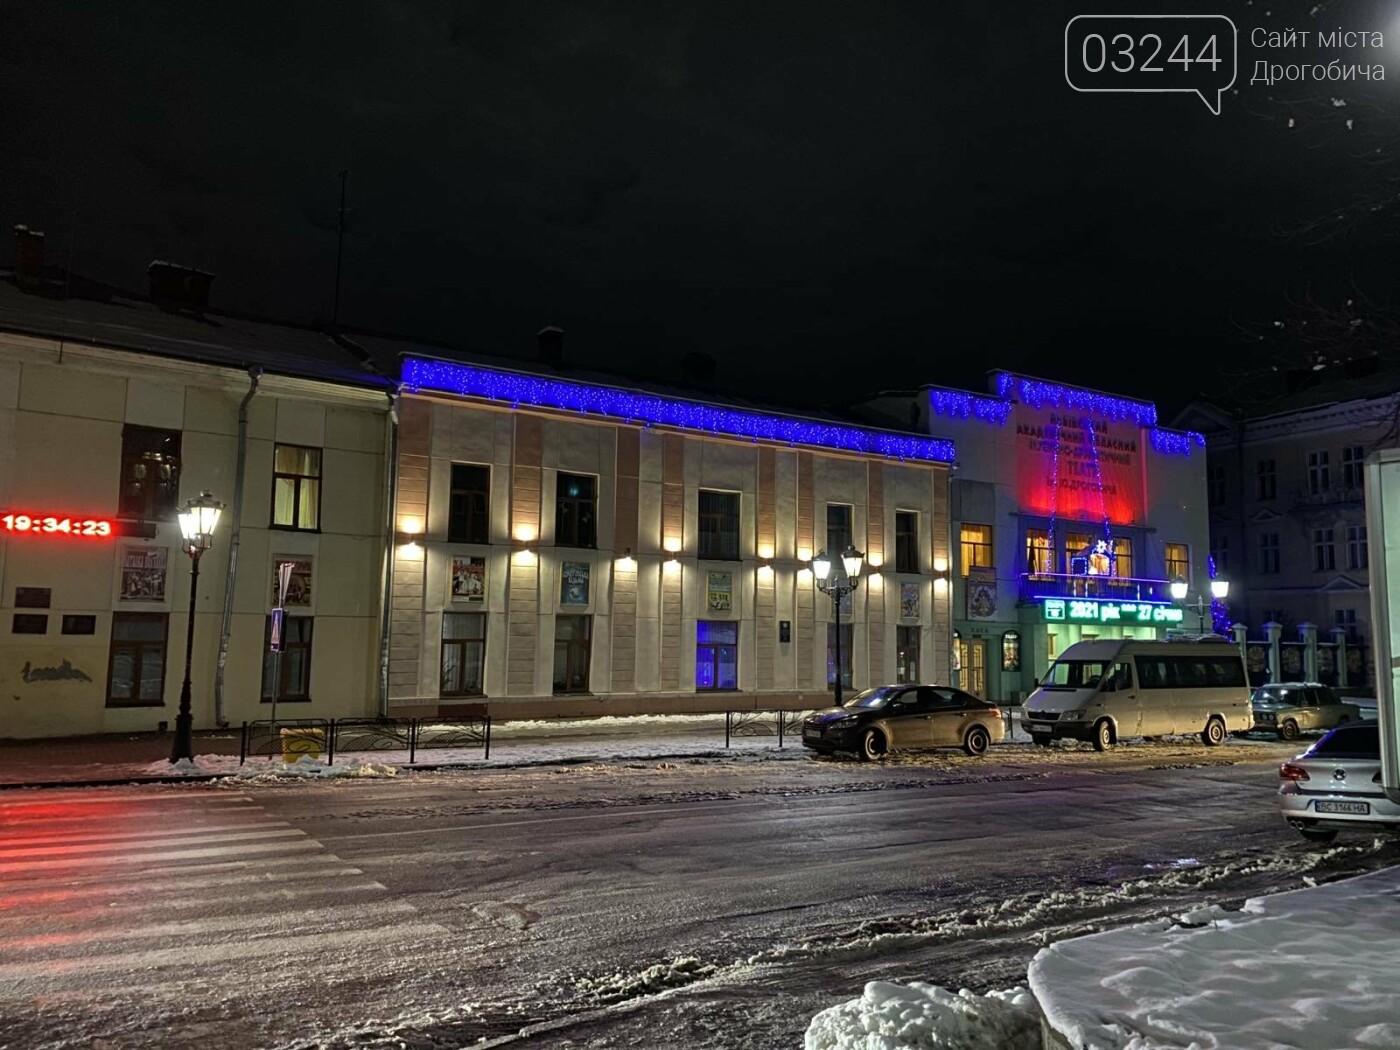 Снігова магія нічних вулиць Дрогобича, - Фоторепортаж, фото-7